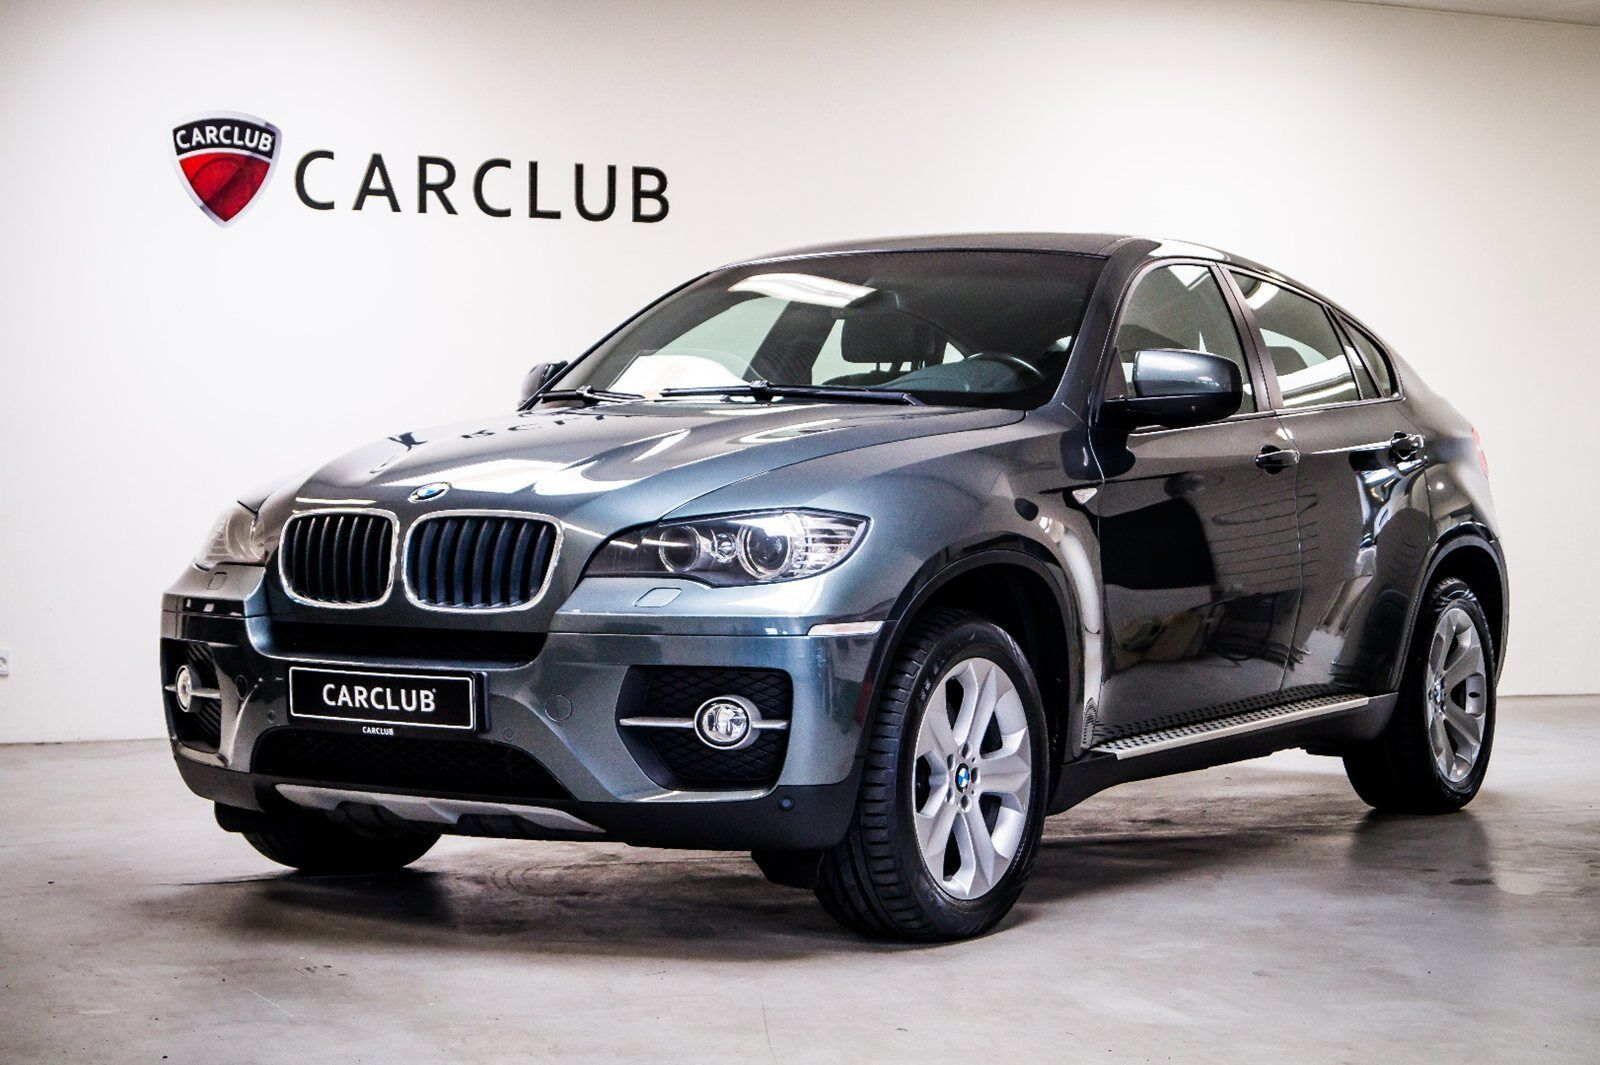 BMW X6 3,0 xDrive30d aut. 5d - 359.900 kr.